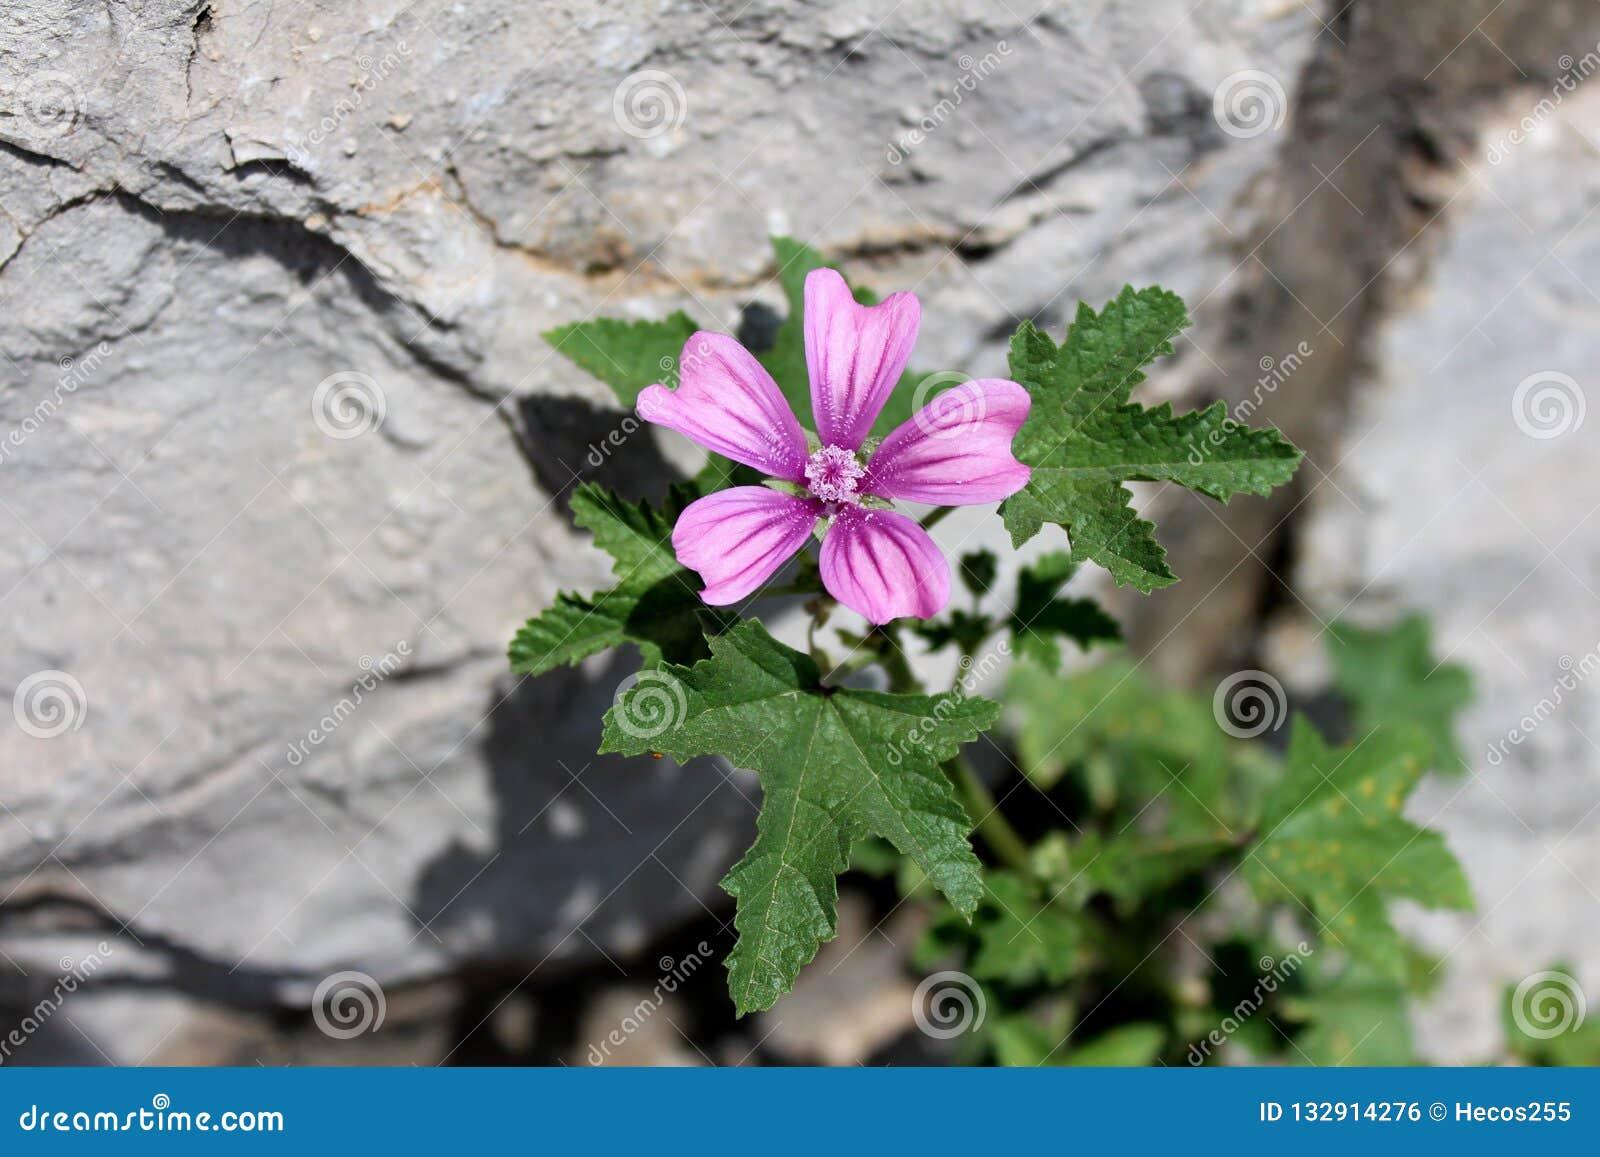 Gemensam malva eller Malvasylvestris som fördelar örtväxten med ljusa rosaaktig-lilor med mörka bandblommor på stenbakgrund